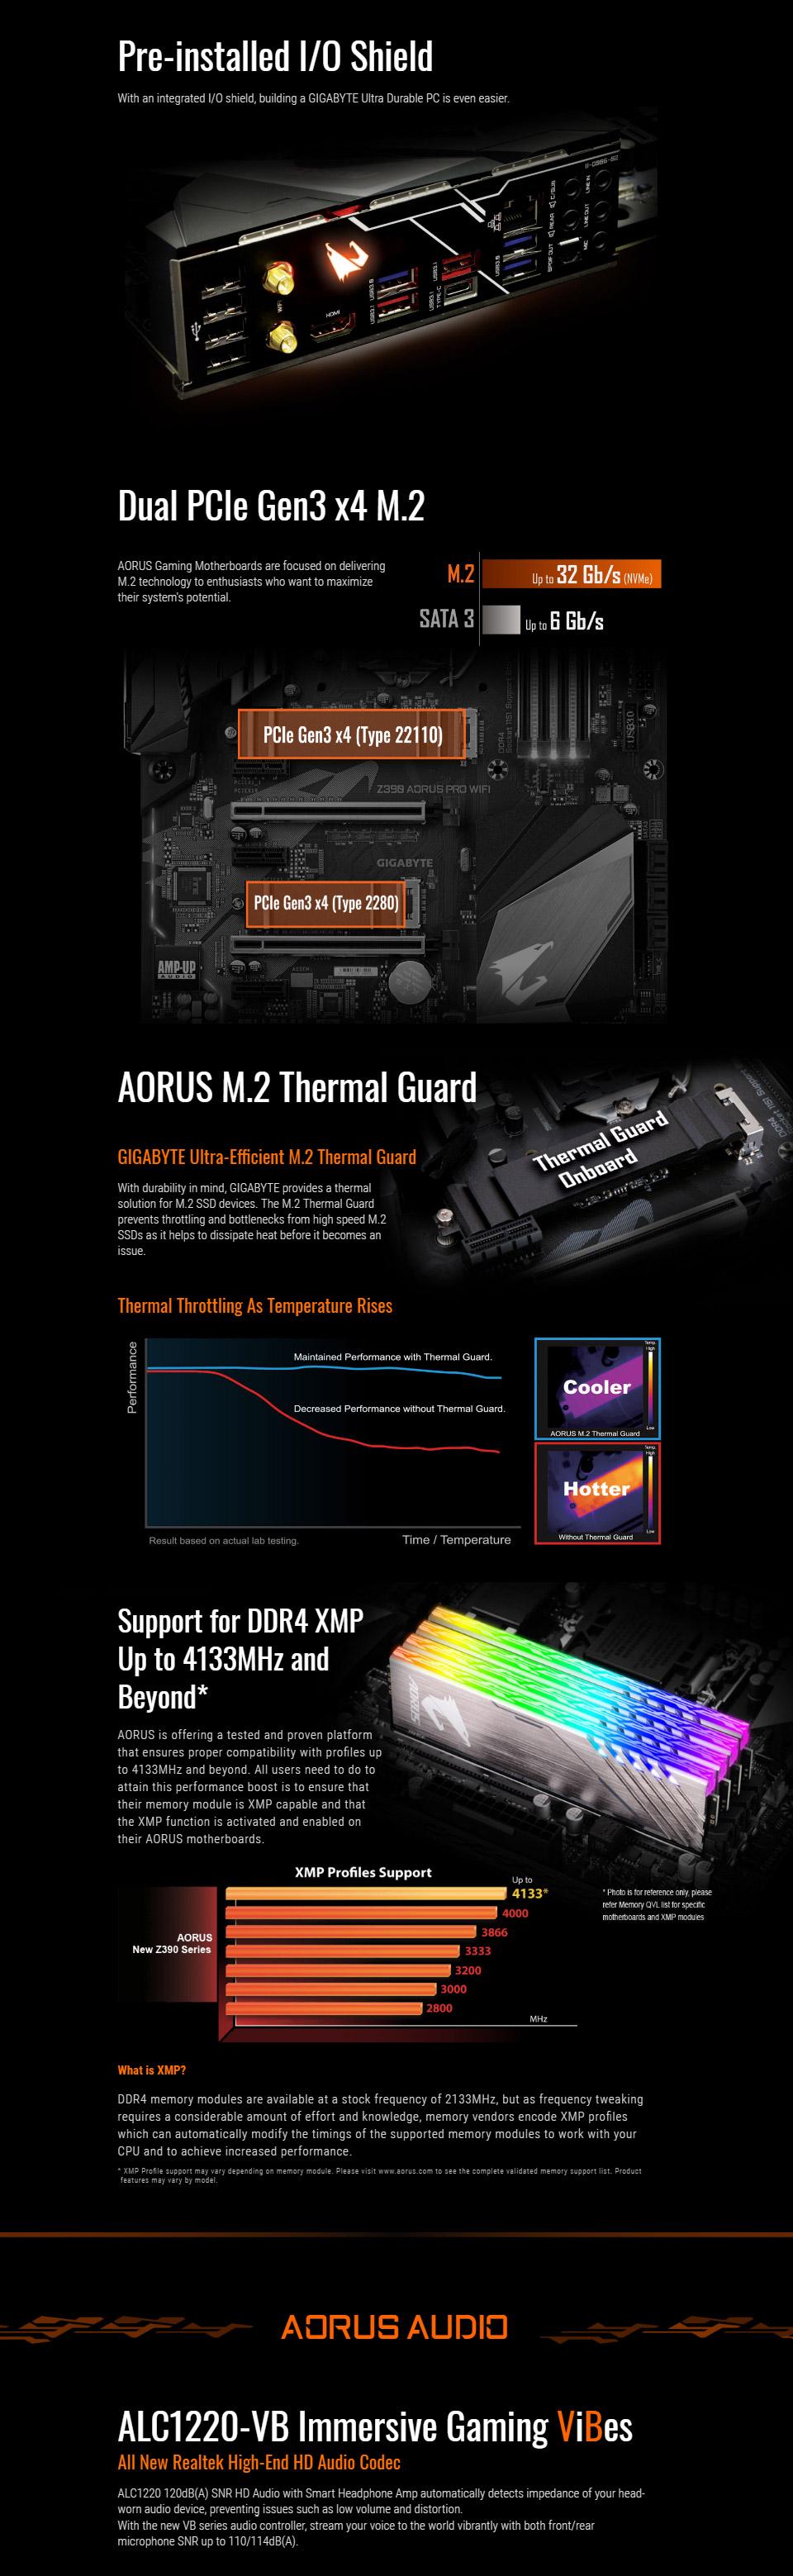 Gigabyte Z390 Aorus Pro WiFi Motherboard